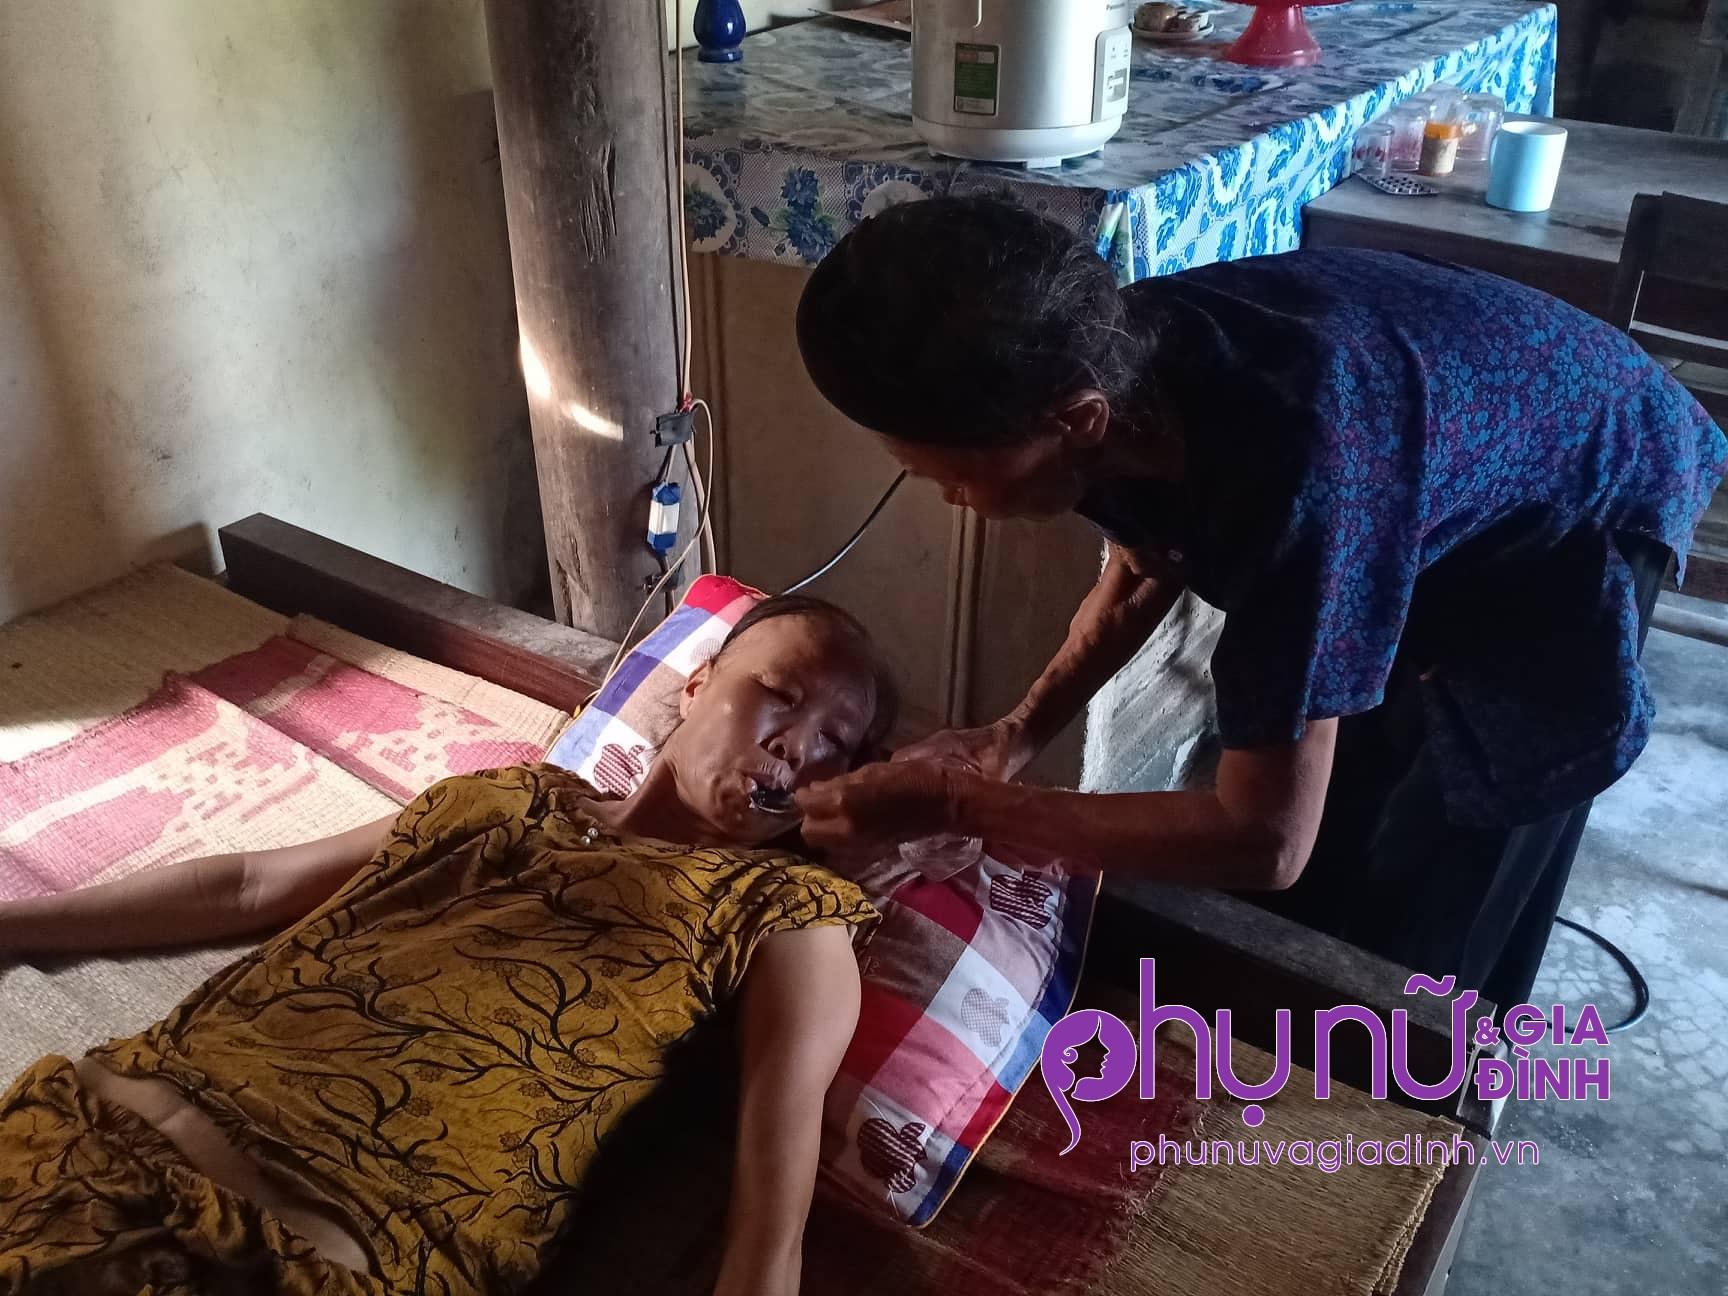 Bi đát cảnh đời cụ bà 83 tuổi nuôi con gái 51 tuổi mắc bệnh ung thư: 'Tôi mà chết, con sẽ sống thế nào đây?' - Ảnh 3